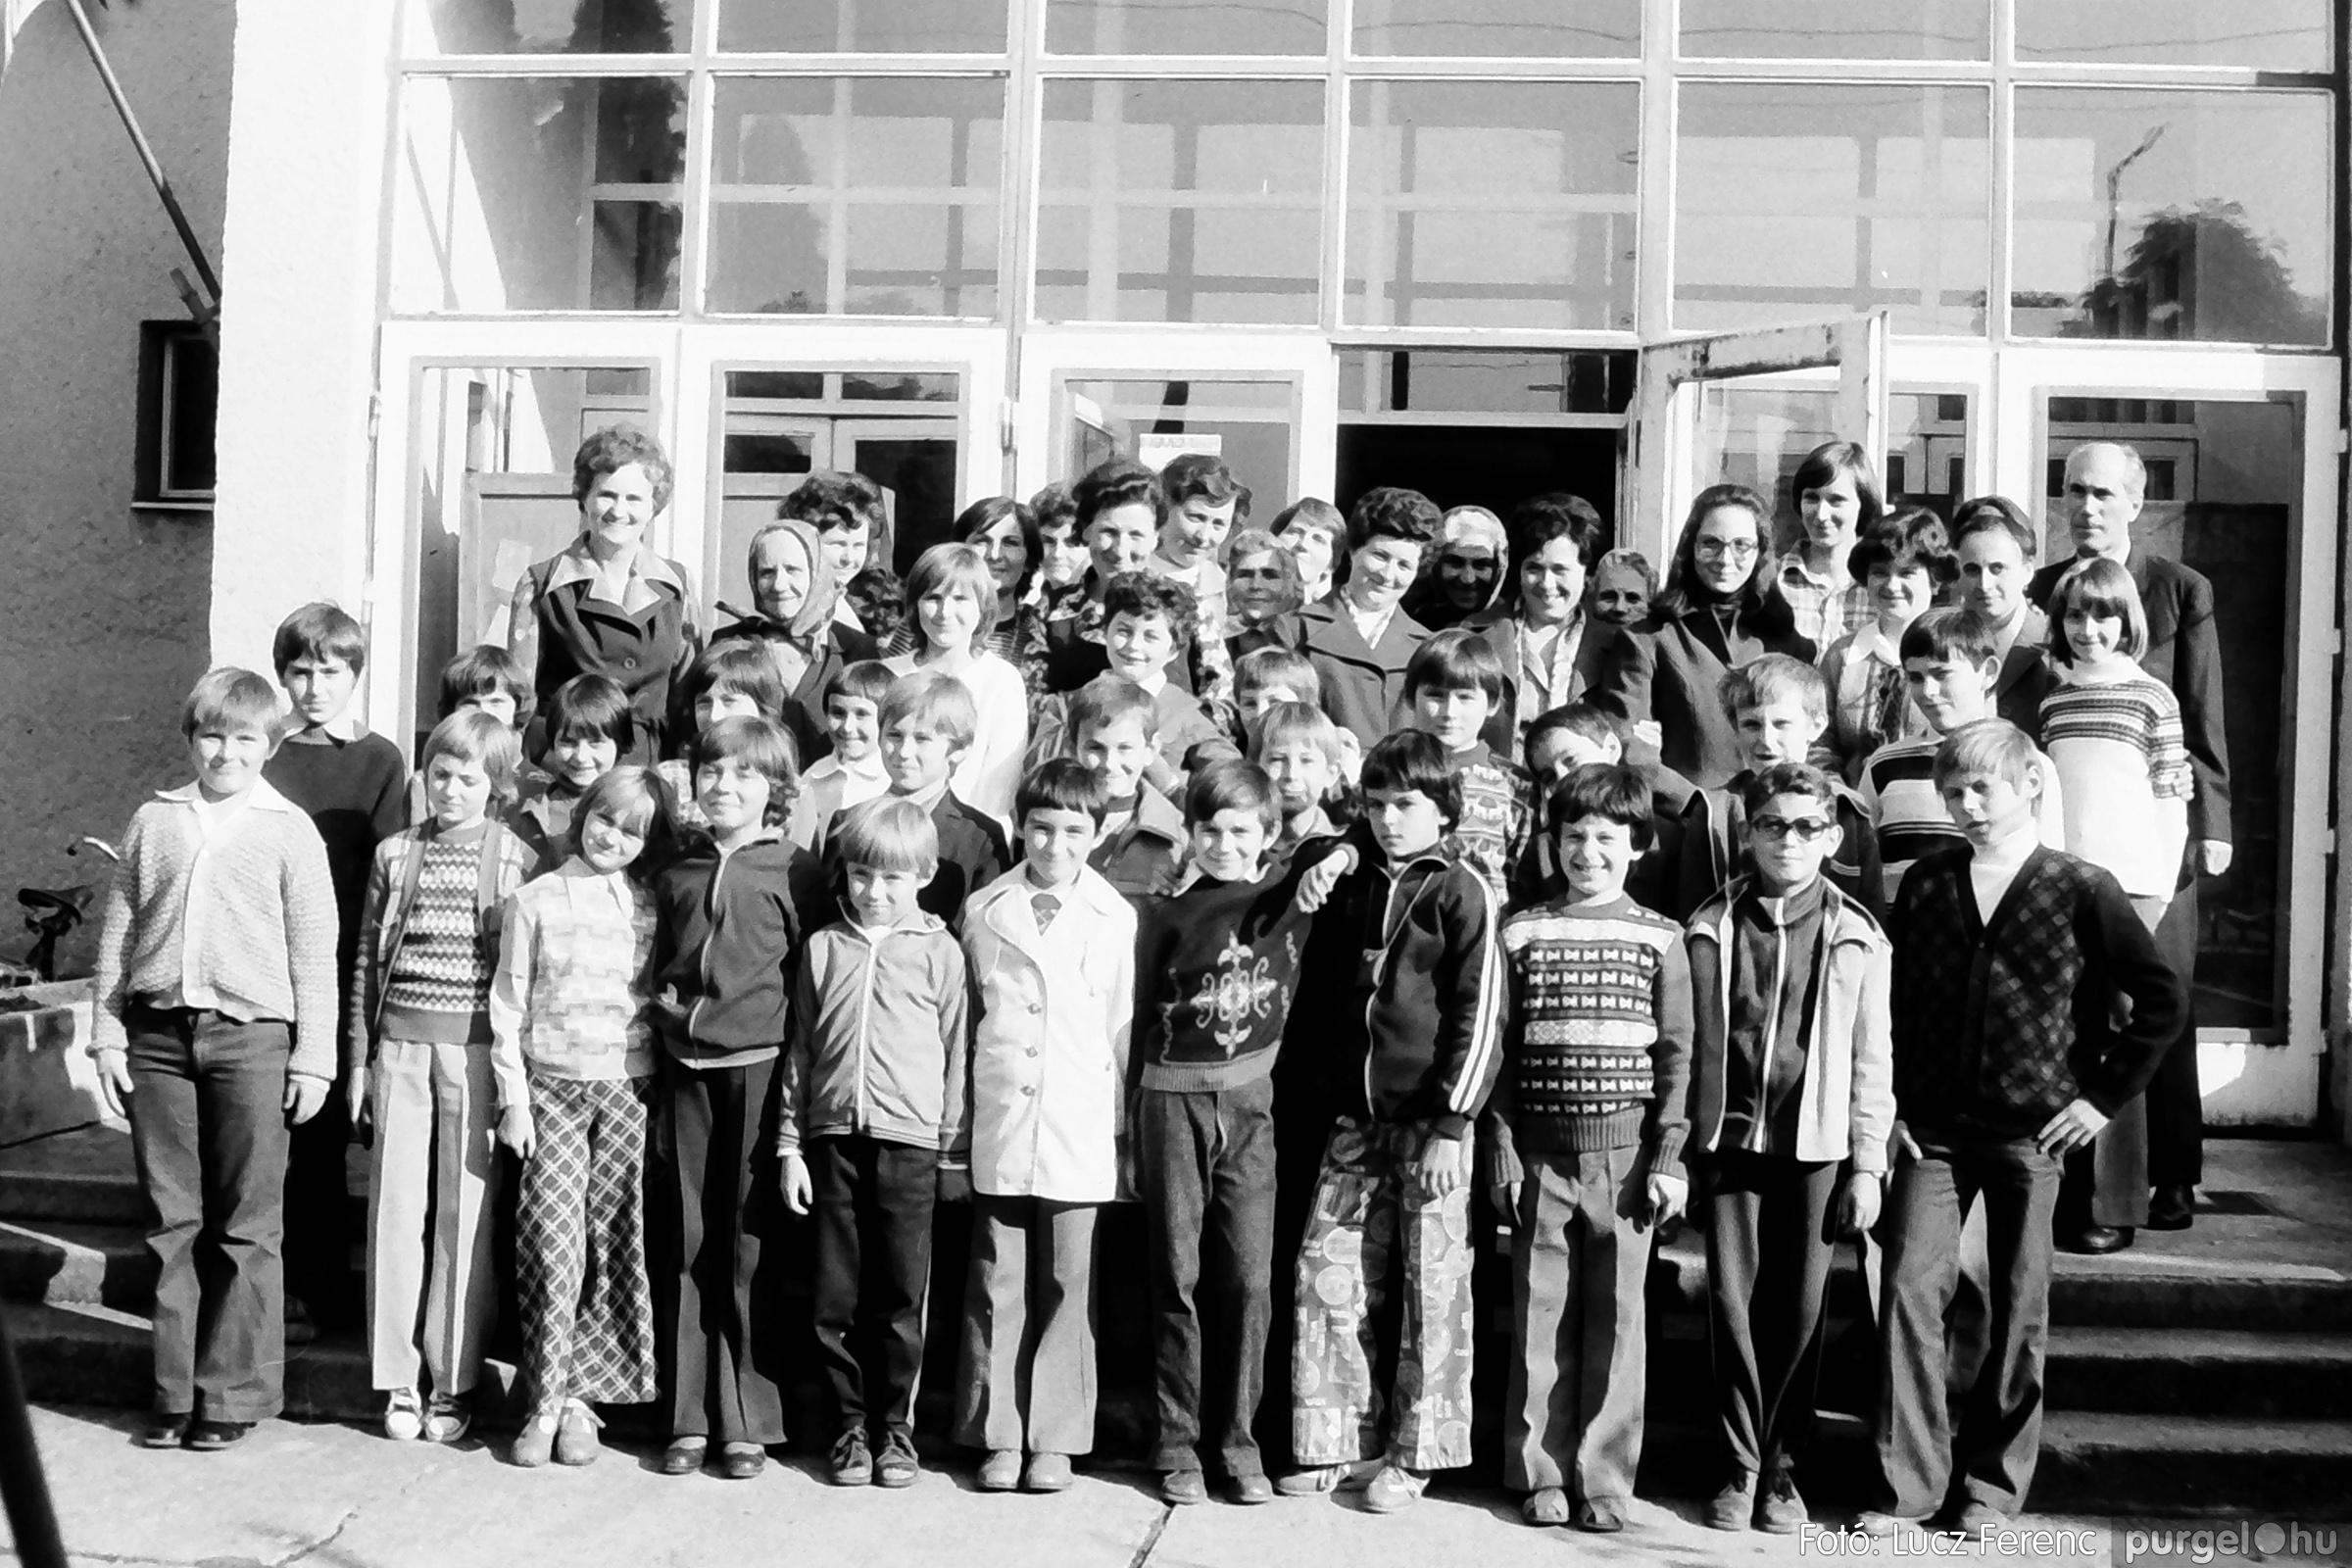 093. 1977. A szegvári és a tápéi kézimunka szakkör találkozója 004. - Fotó: Lucz Ferenc.jpg